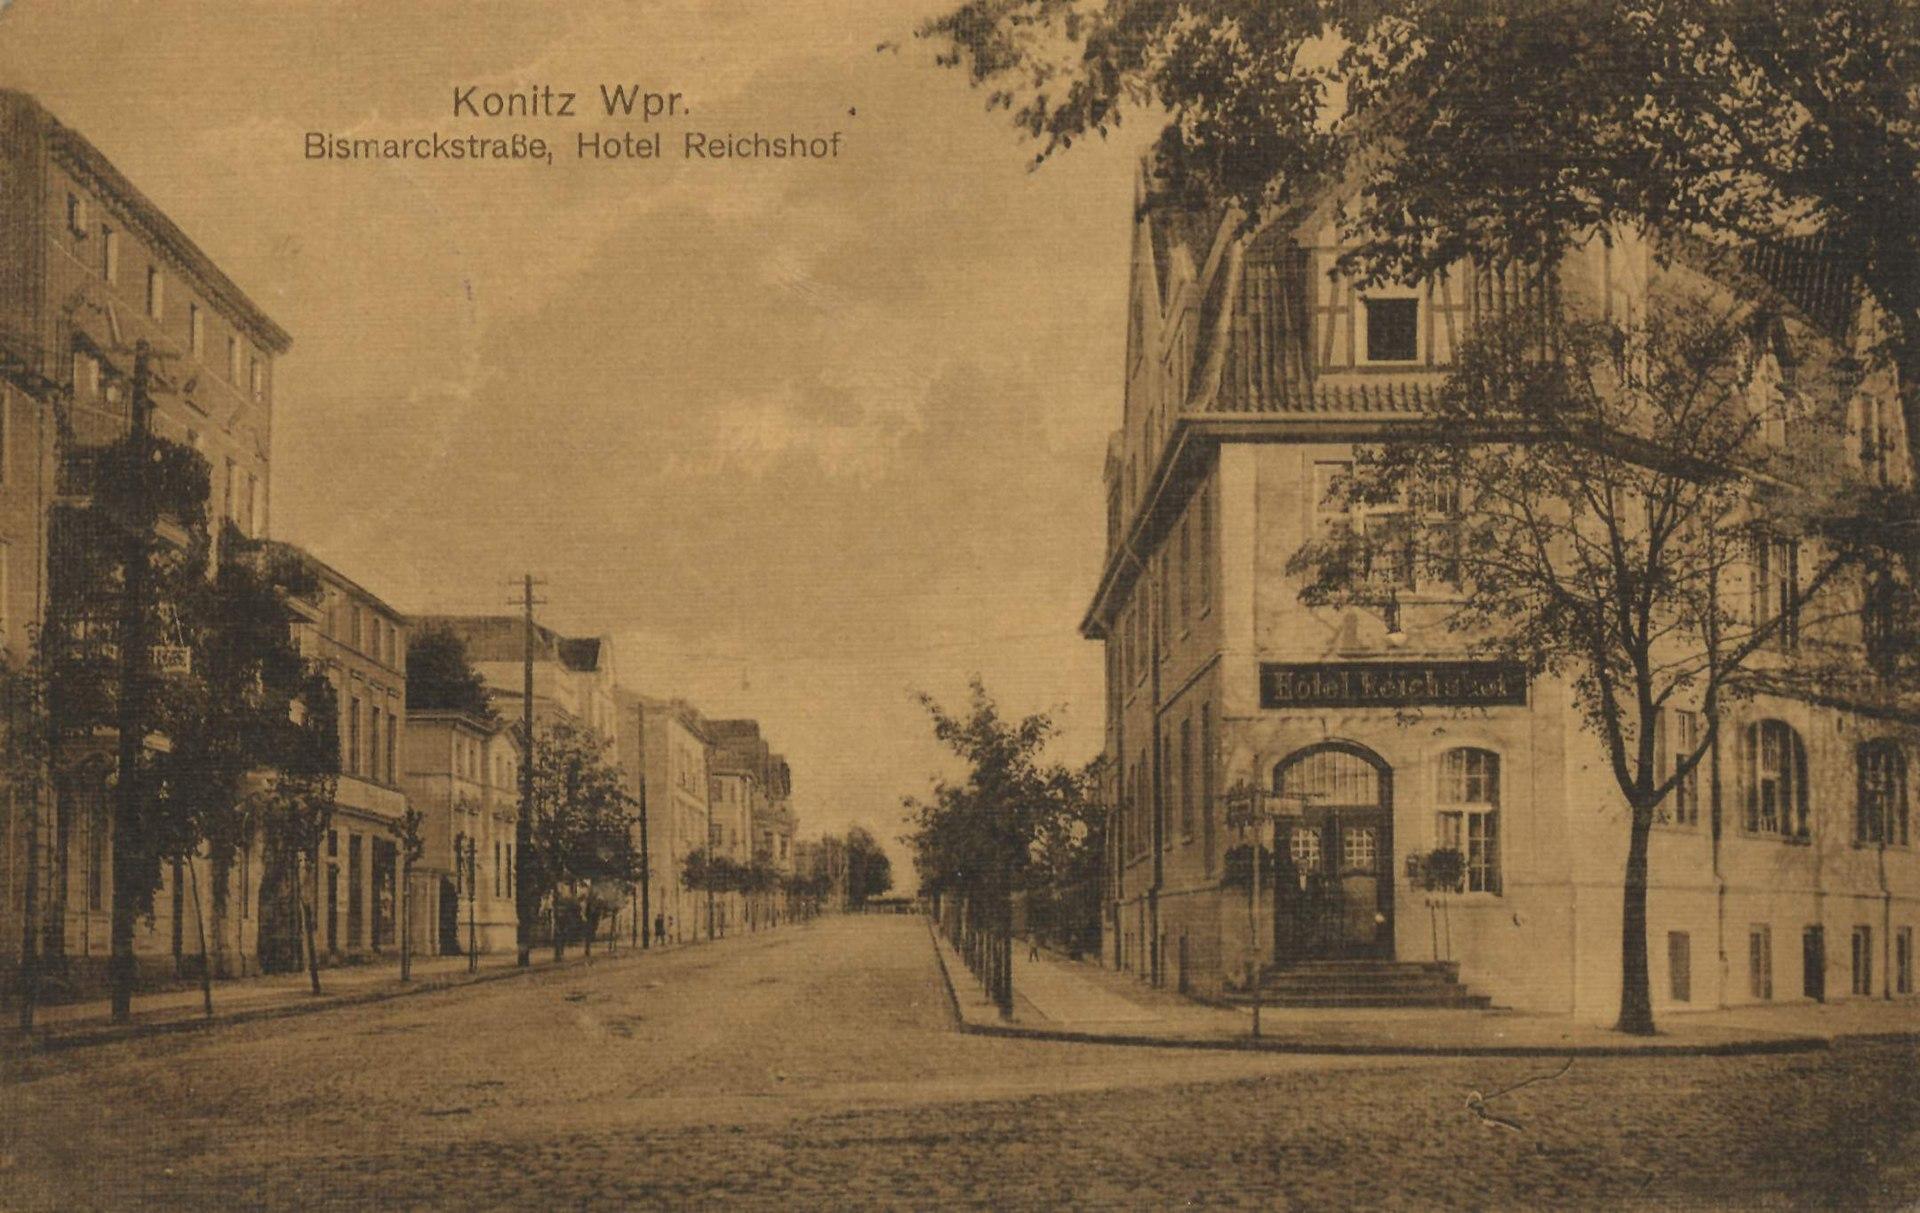 Konitz, Westpreußen - Bismarckstraße, Hotel Reichshof (Zeno Ansichtskarten).jpg